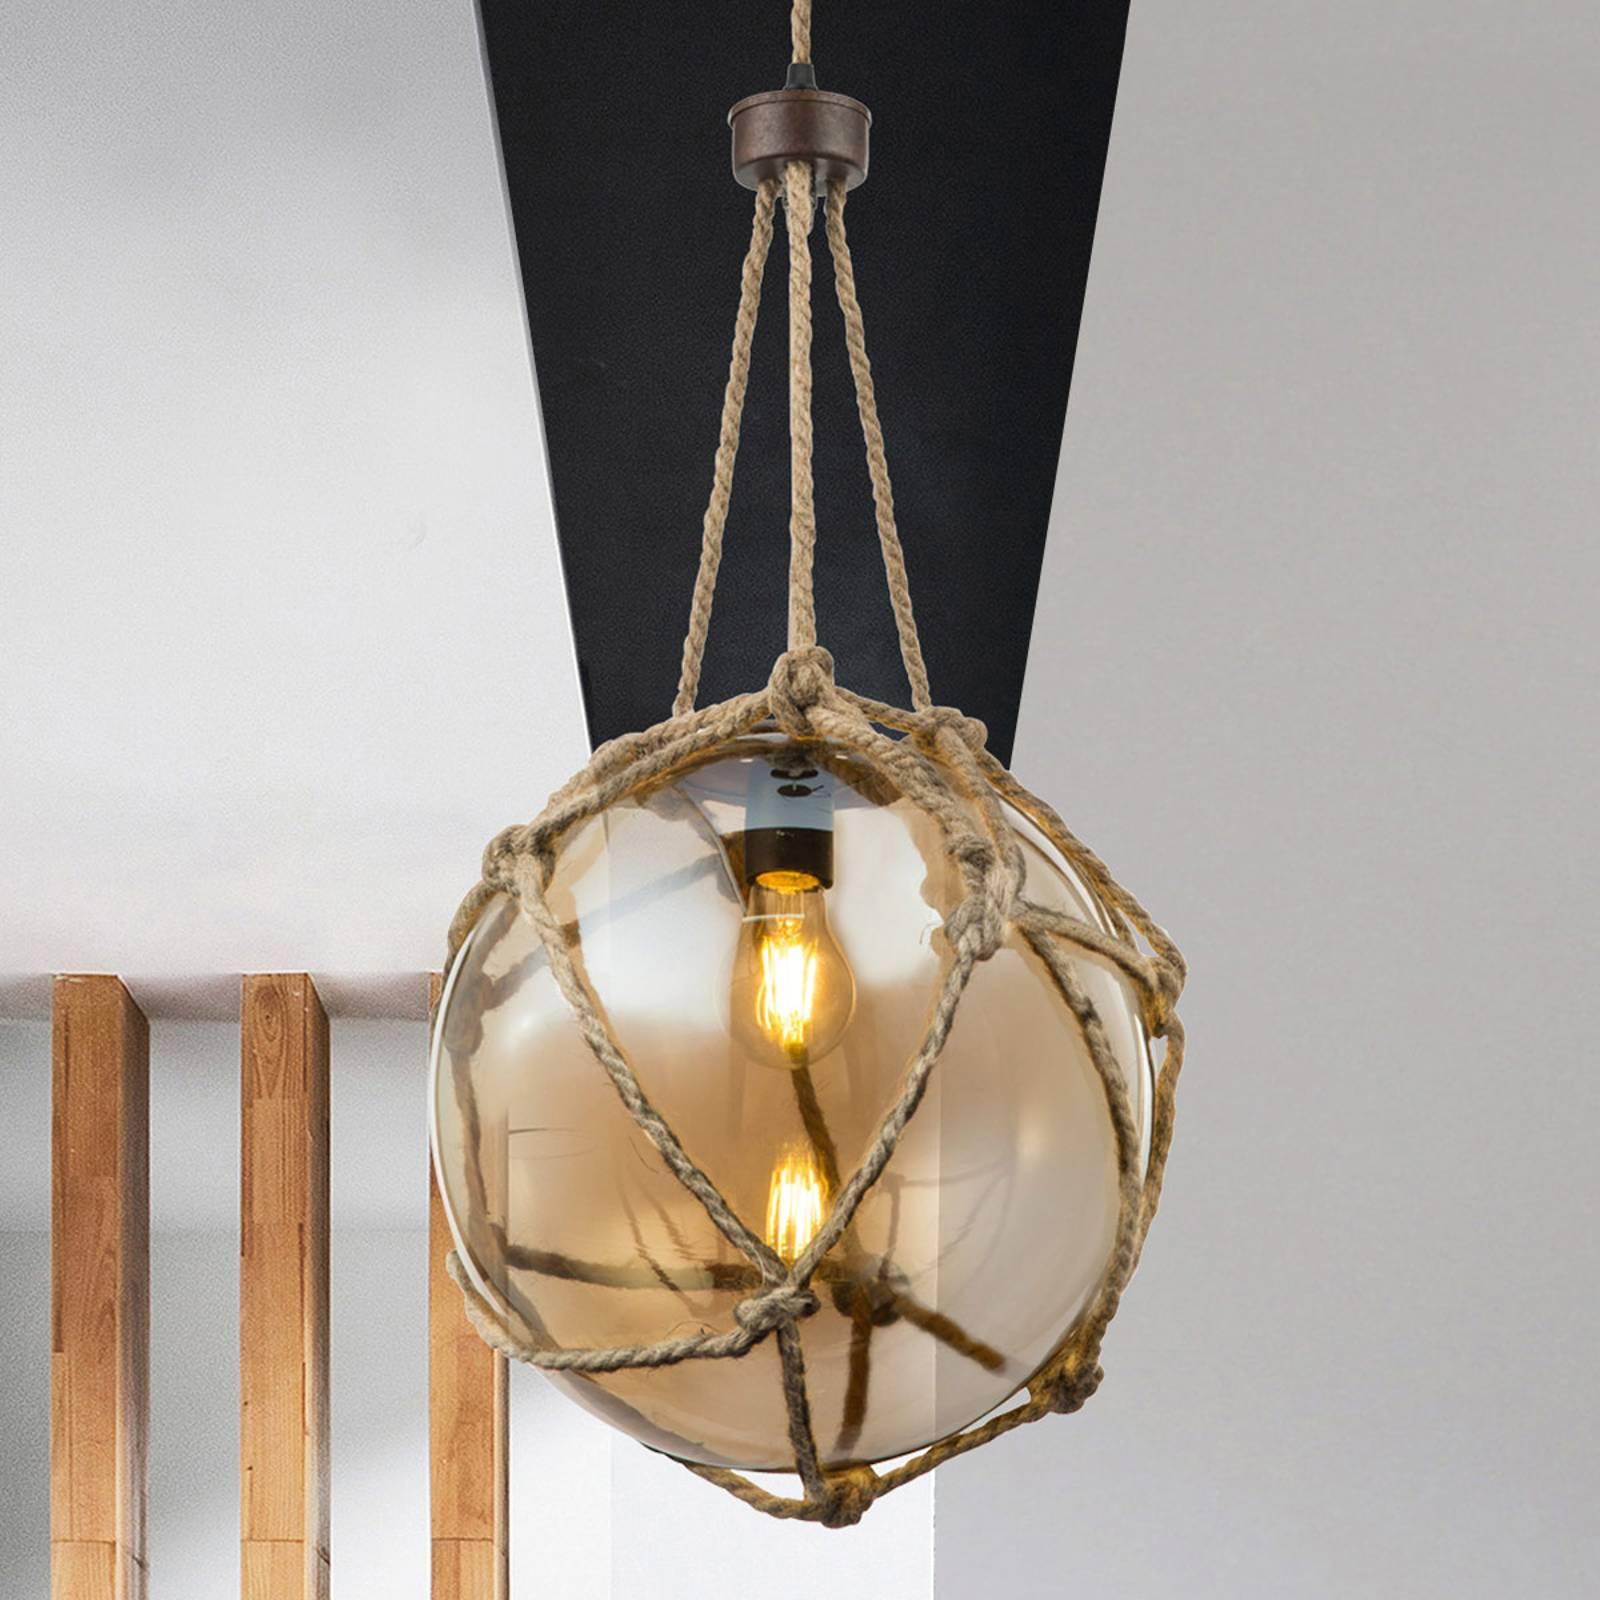 Szklana lampa wisząca Tiko z siatką, rdza Ø 30 cm